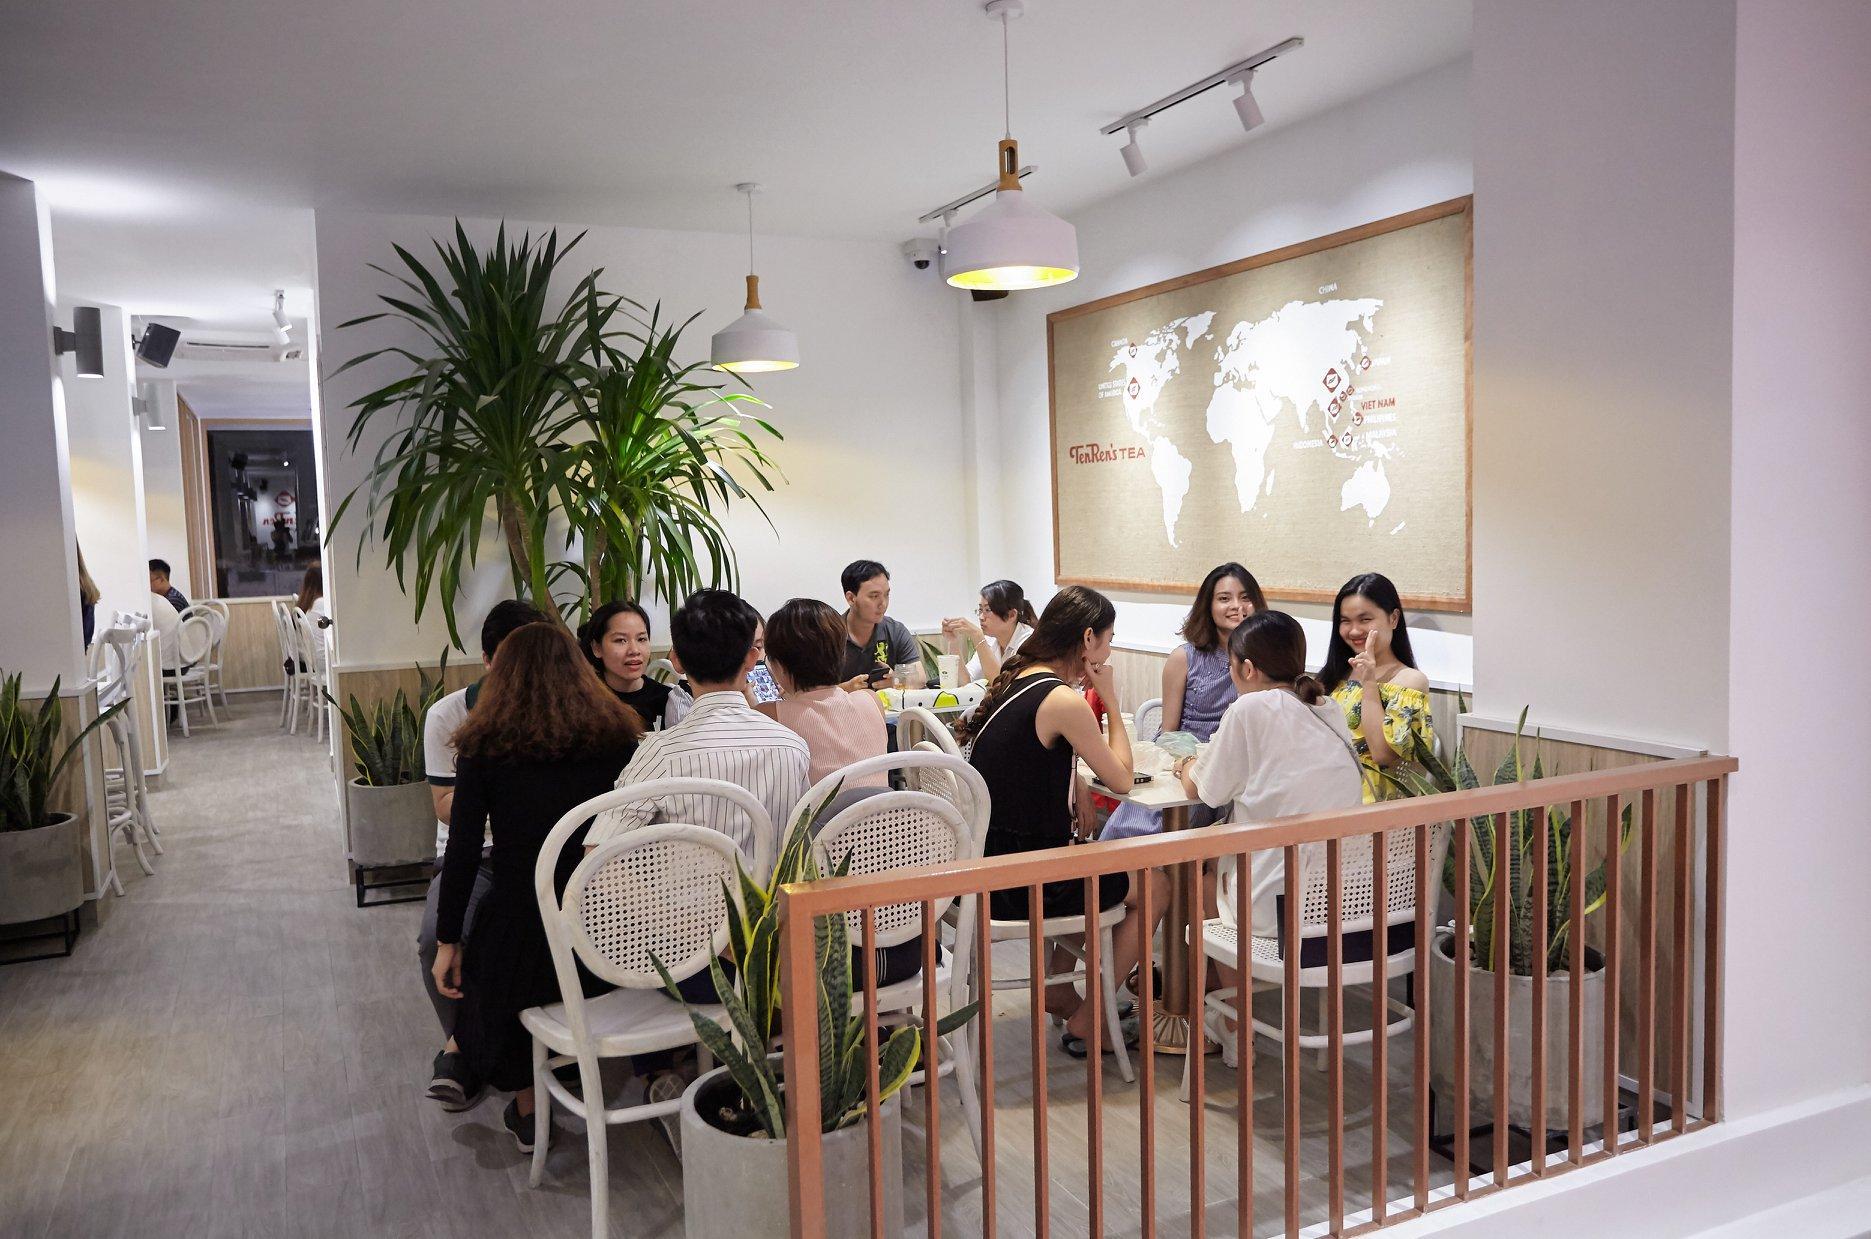 Sau gần 1 năm ra mắt, Ten Ren chính thức cán mốc 20 cửa hàng tại Việt Nam - Ảnh 3.